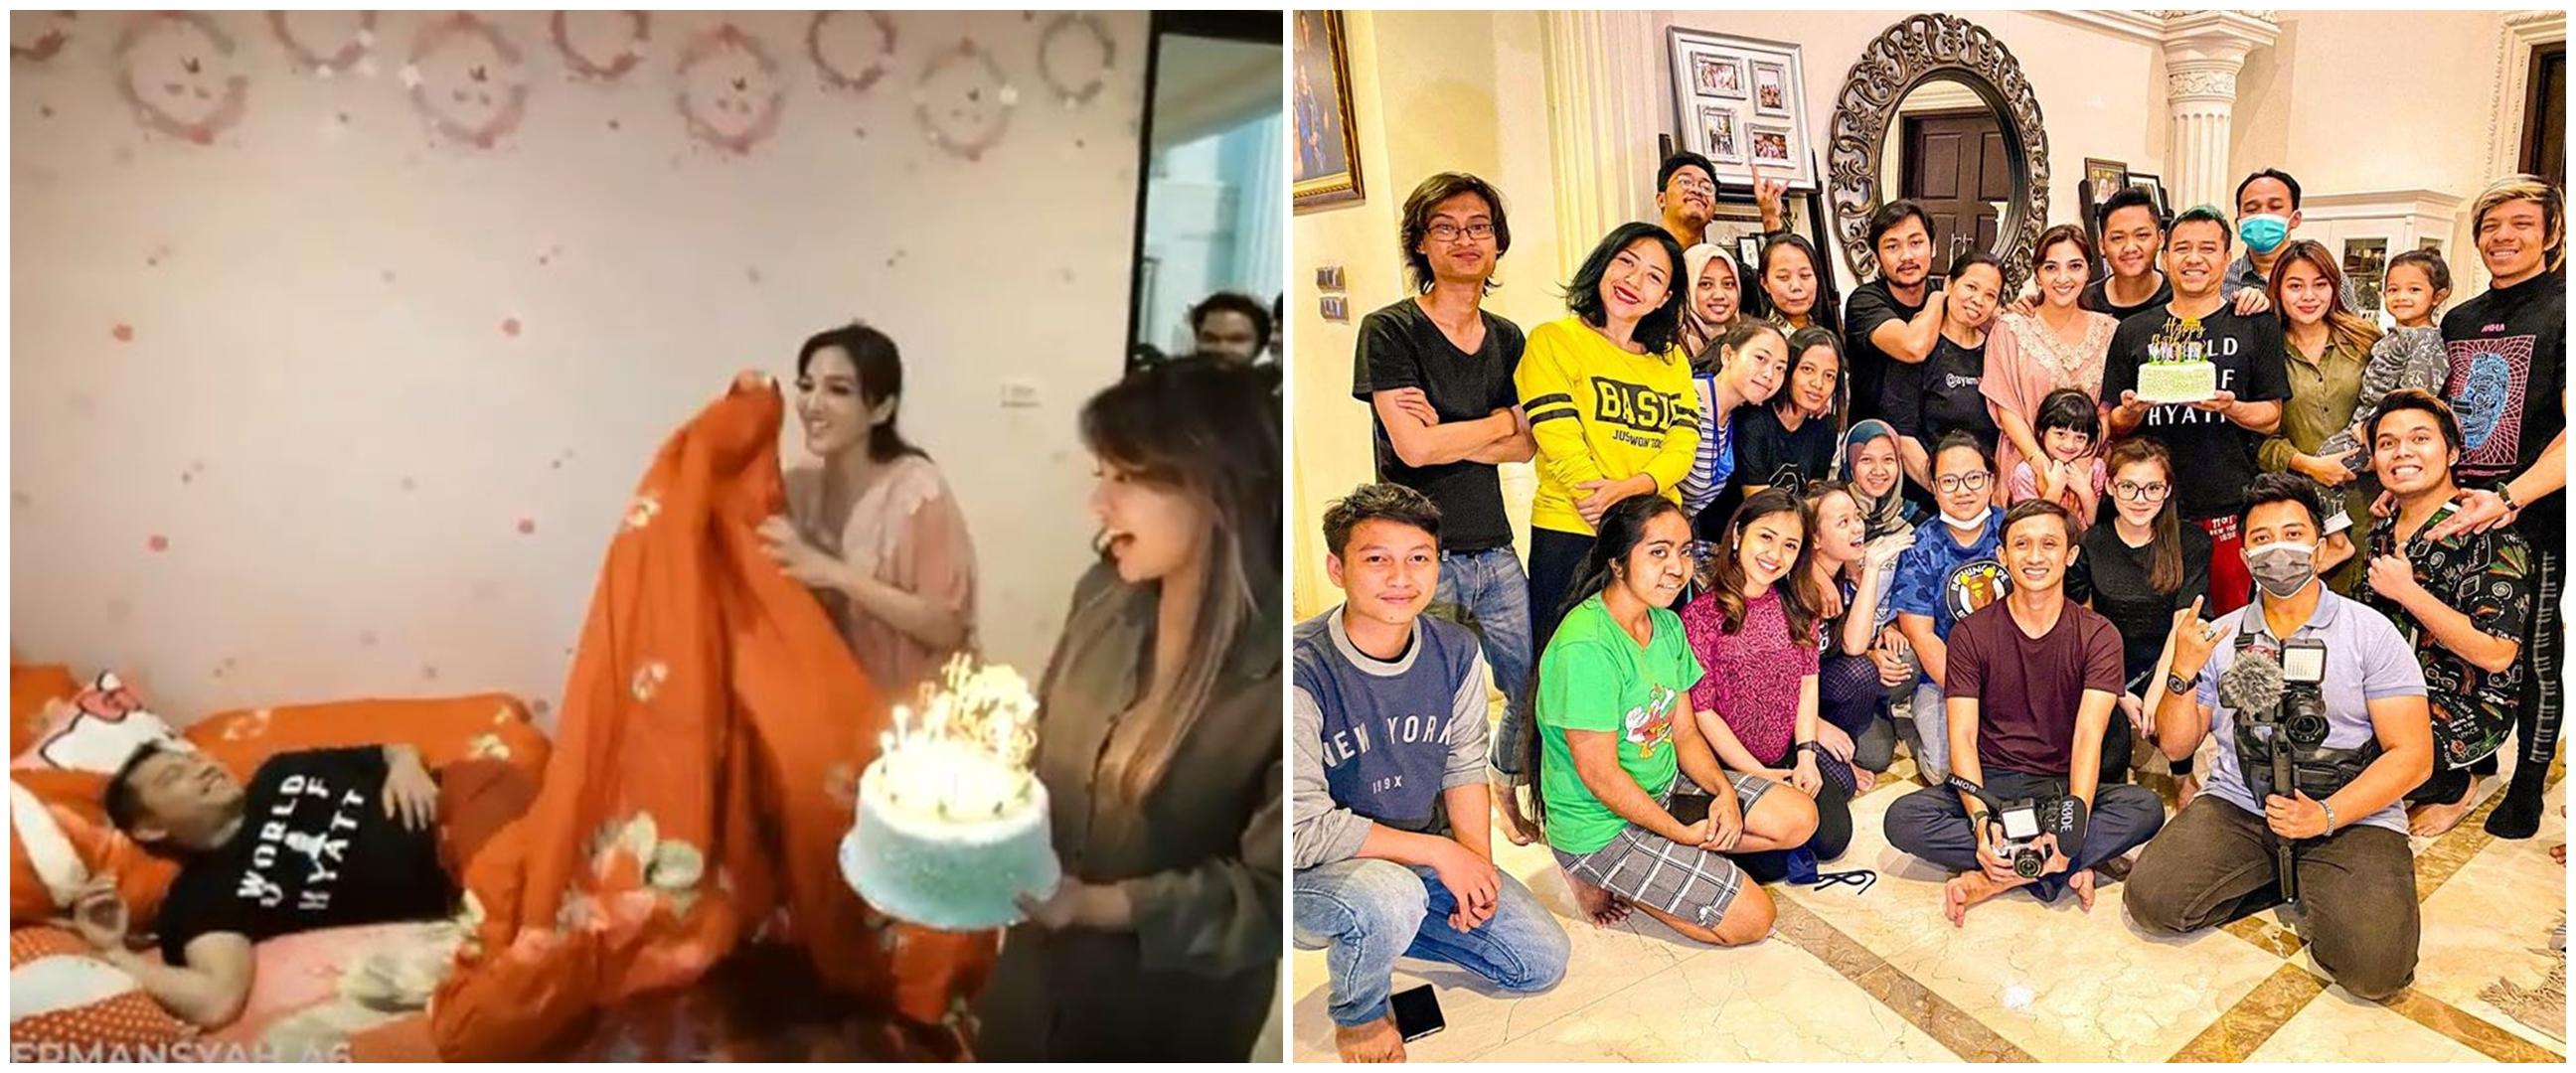 7 Momen ulang tahun Anang Hermansyah, kehadiran Atta jadi sorotan